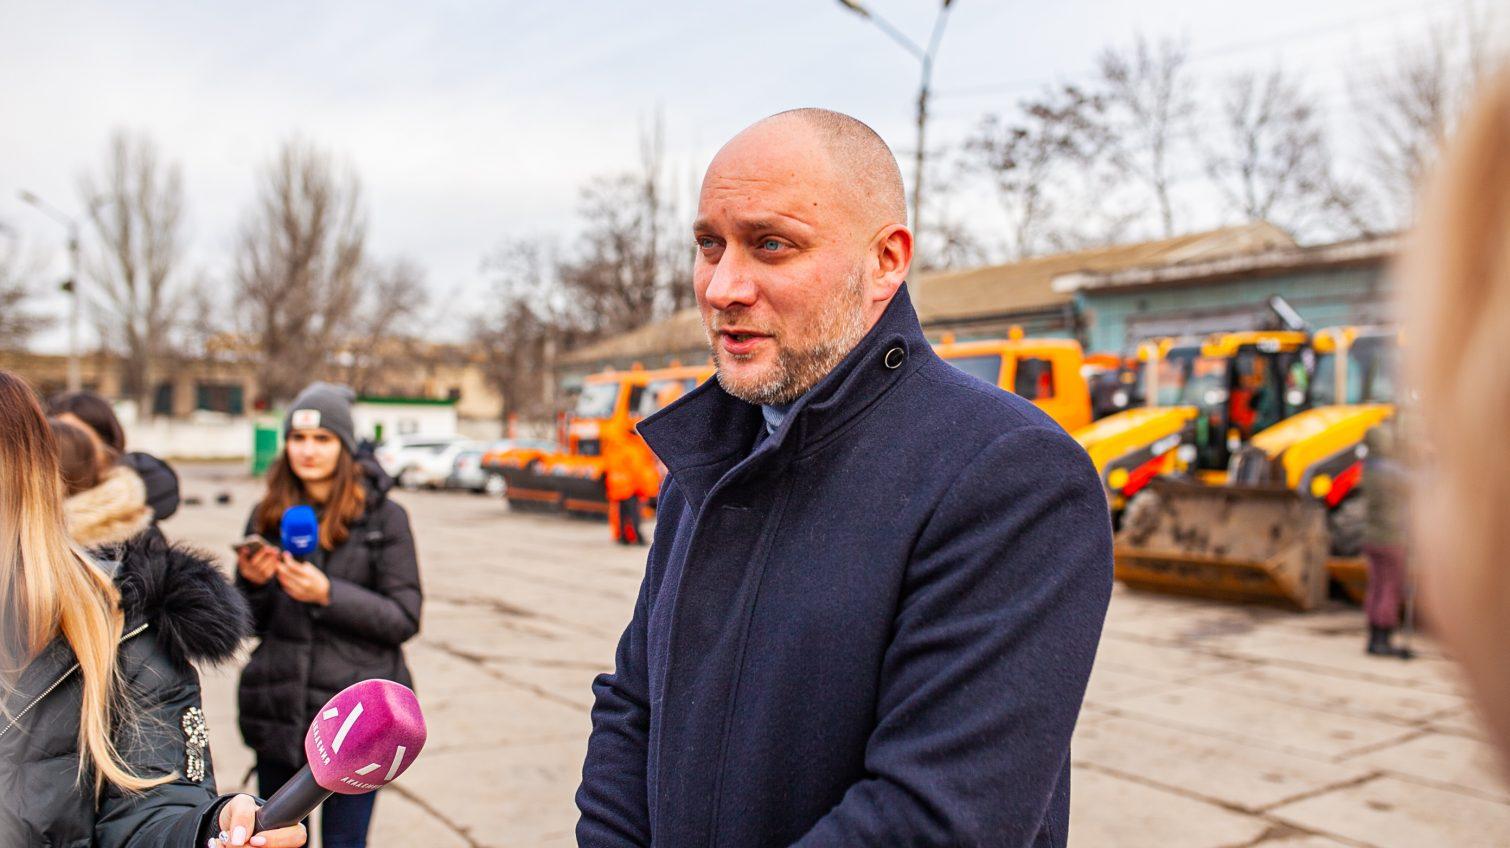 В Одессе ожидается ухудшение погодных условий: в городском хозяйстве просят без надобности не выезжать на автомобилях «фото»